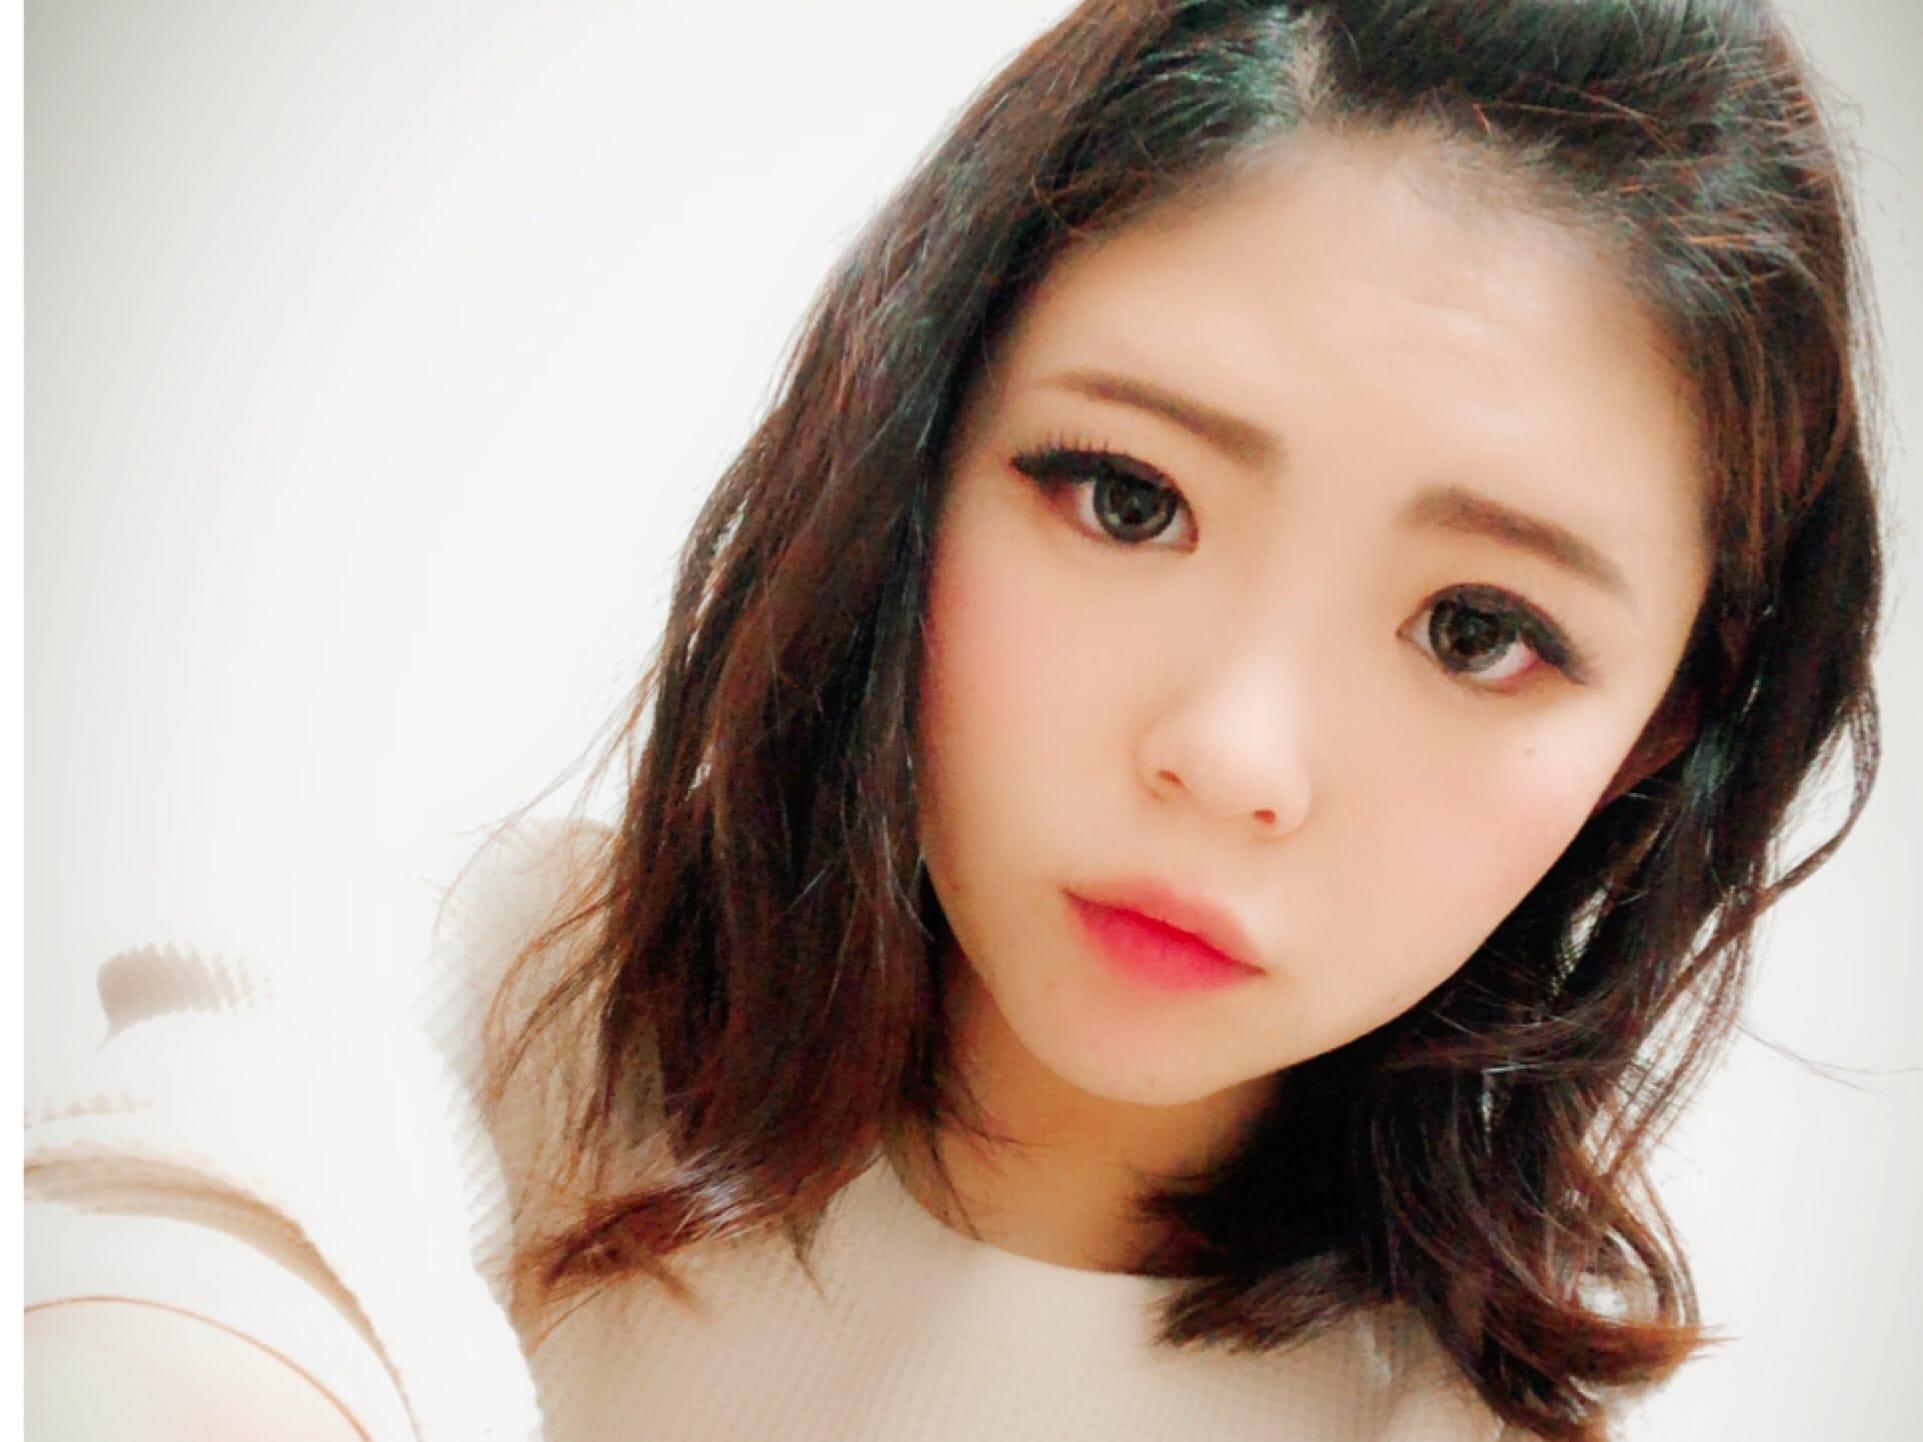 れお「お礼♡」04/21(土) 16:40 | れおの写メ・風俗動画